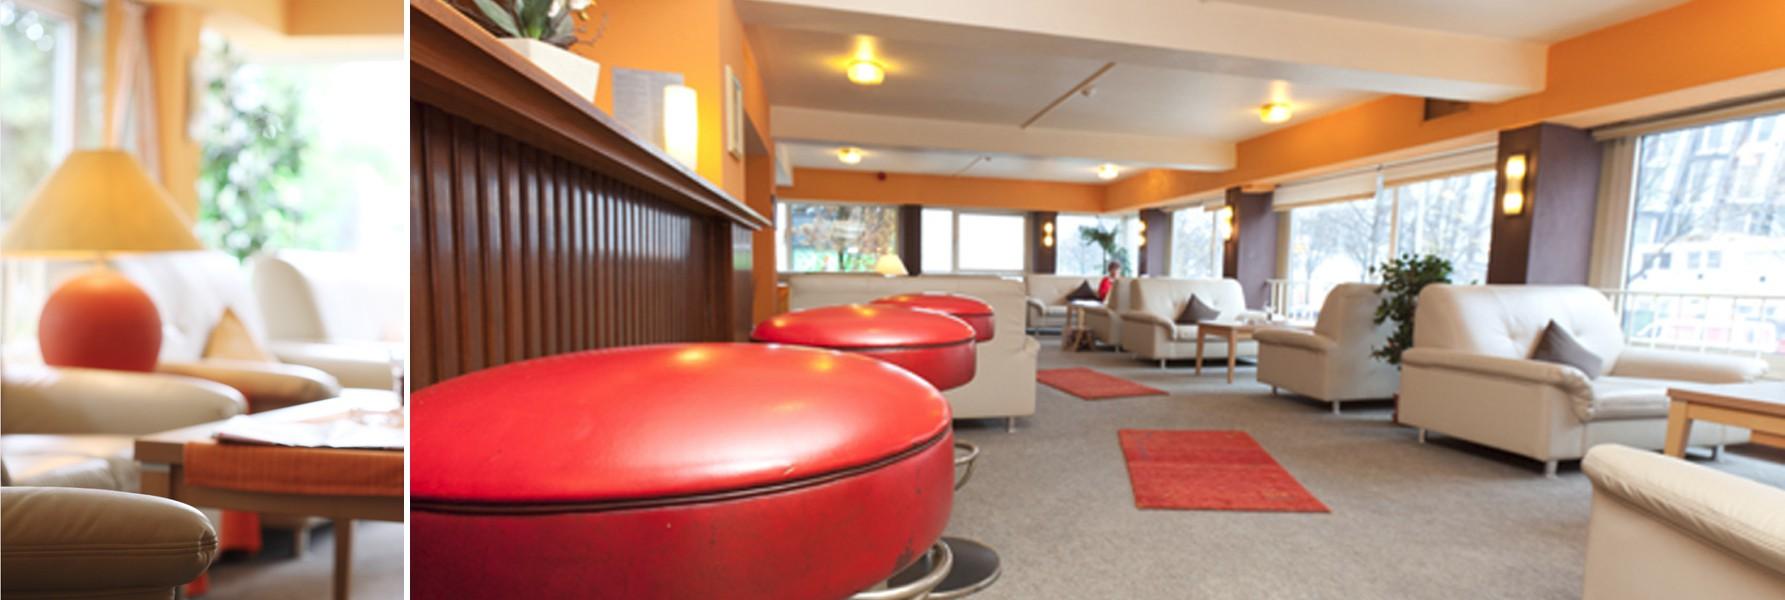 Personlicher Service In Ihrem Hotel Imperial Hamburg